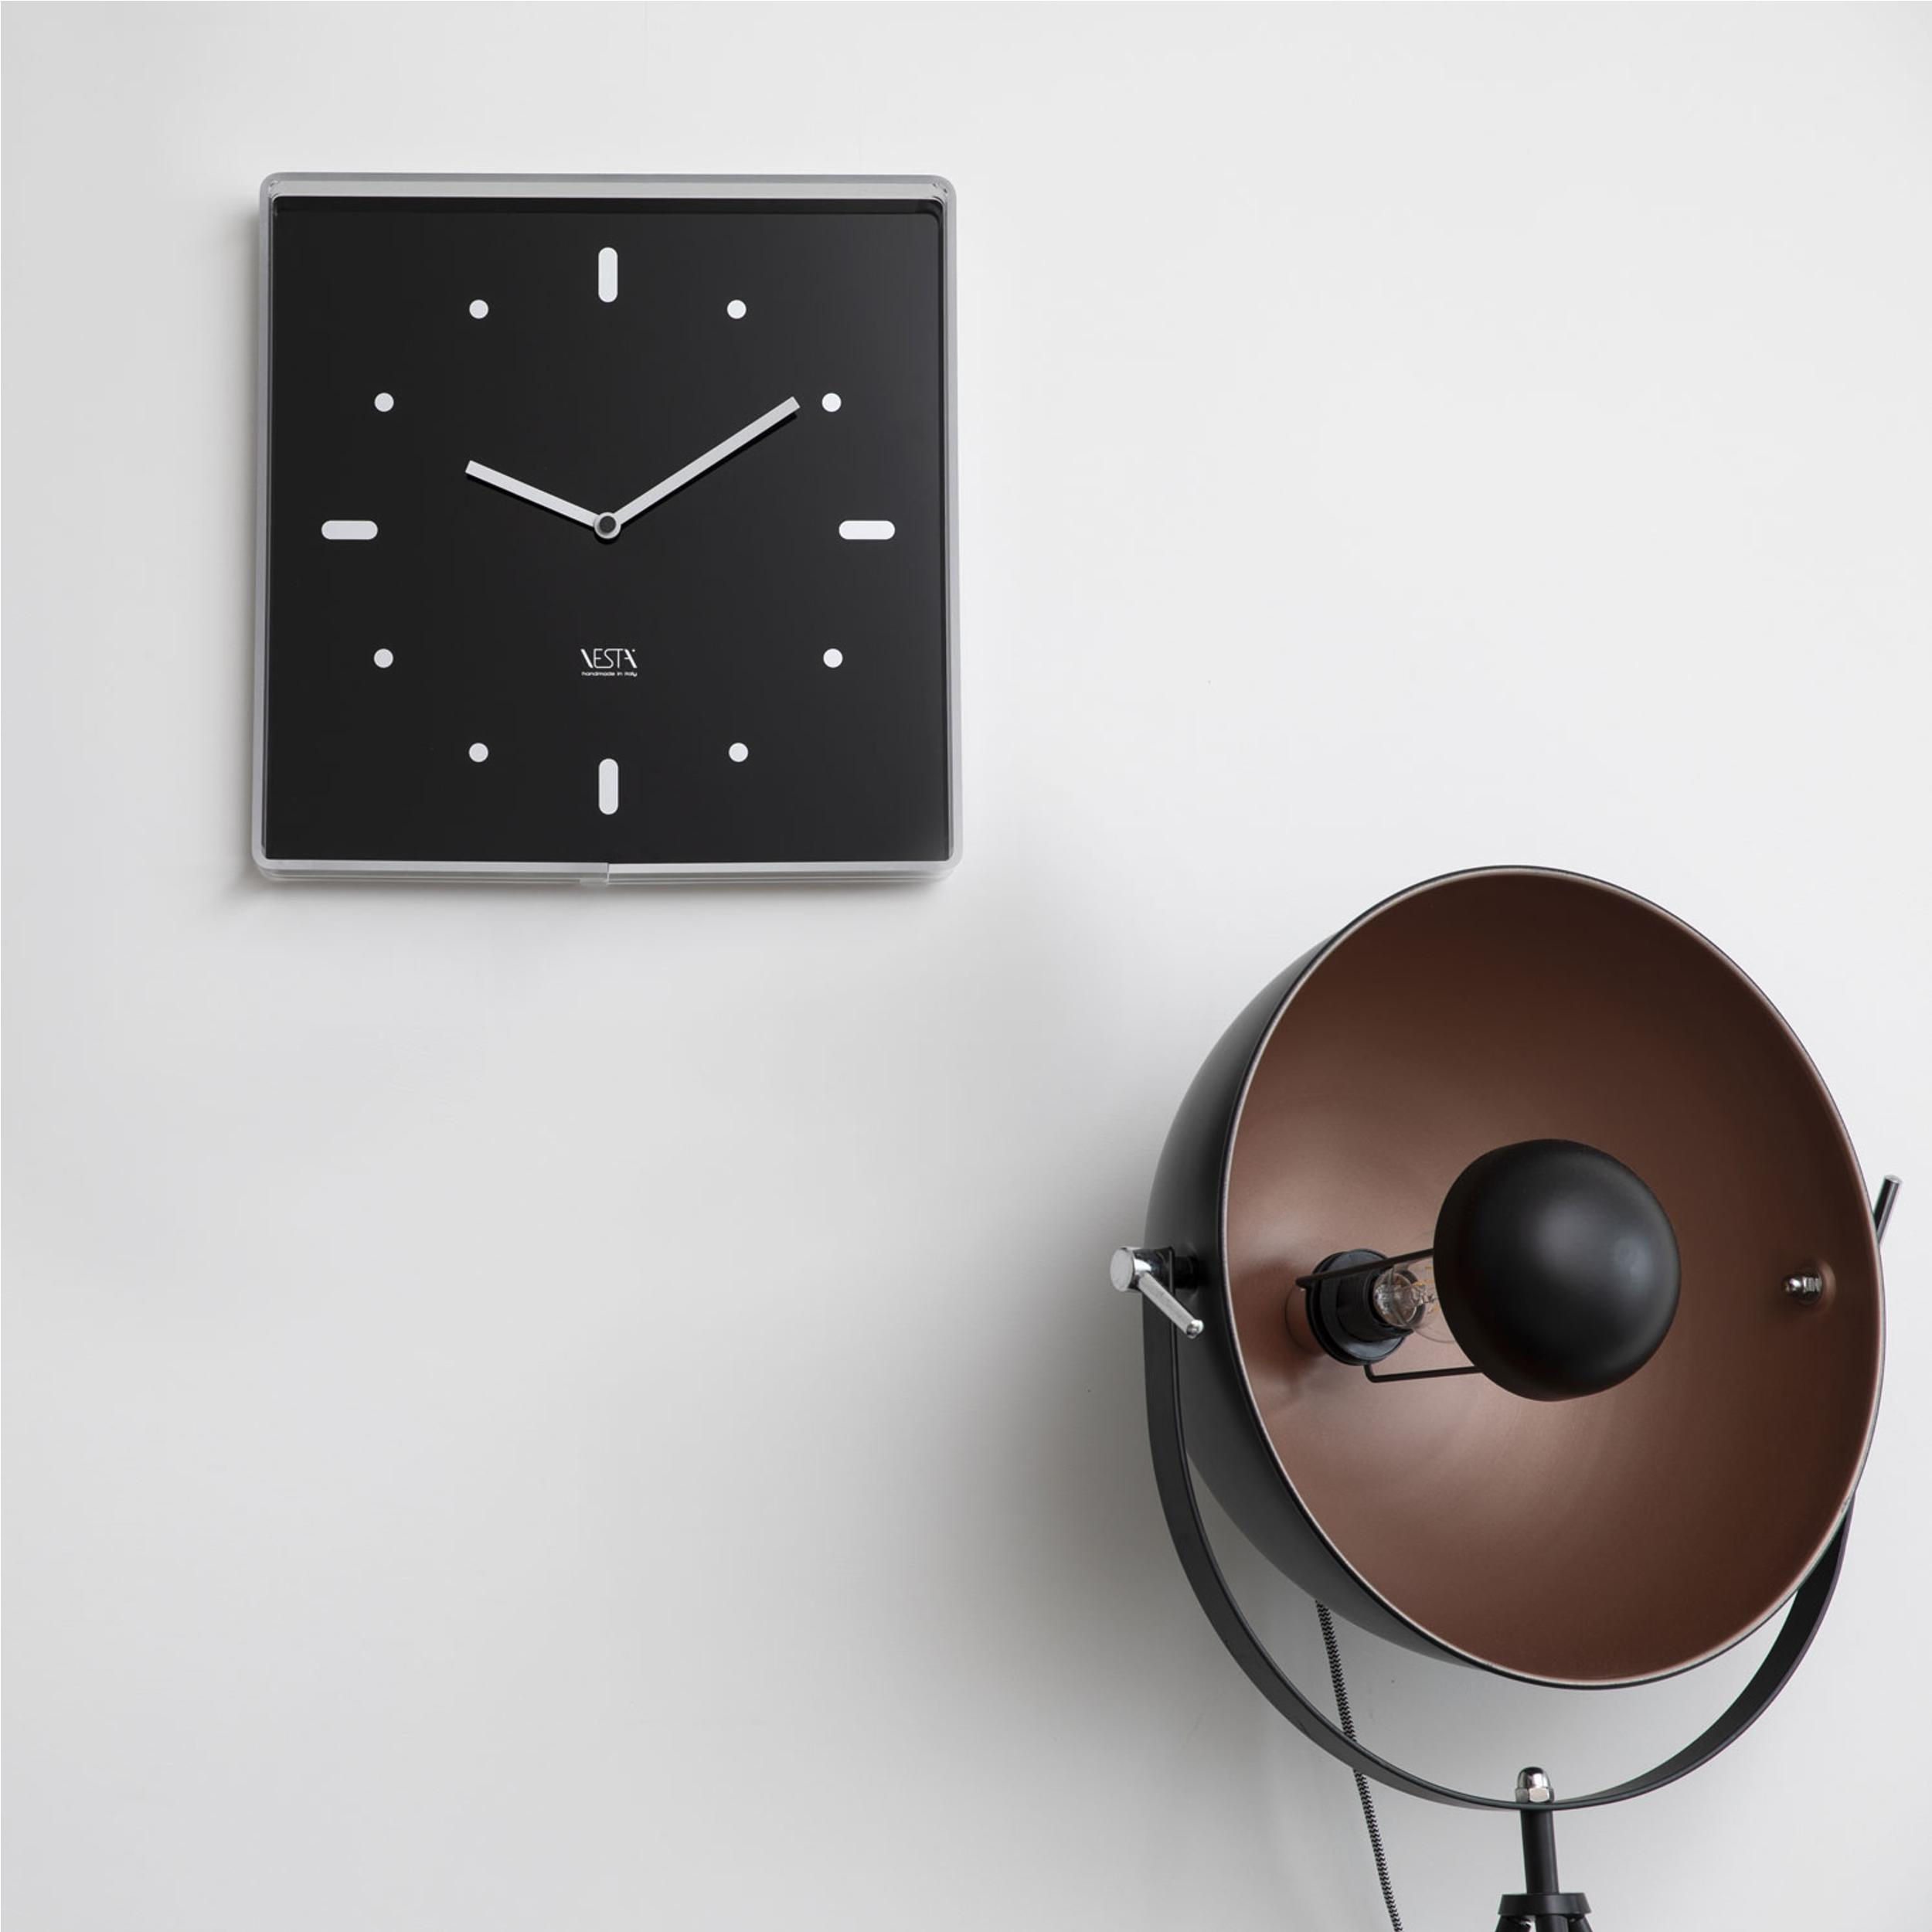 Jewelry & Watches Orologio Da Parete Fun Cucina Decorazione Caffè Espresso Acrylglas Wall Clocks